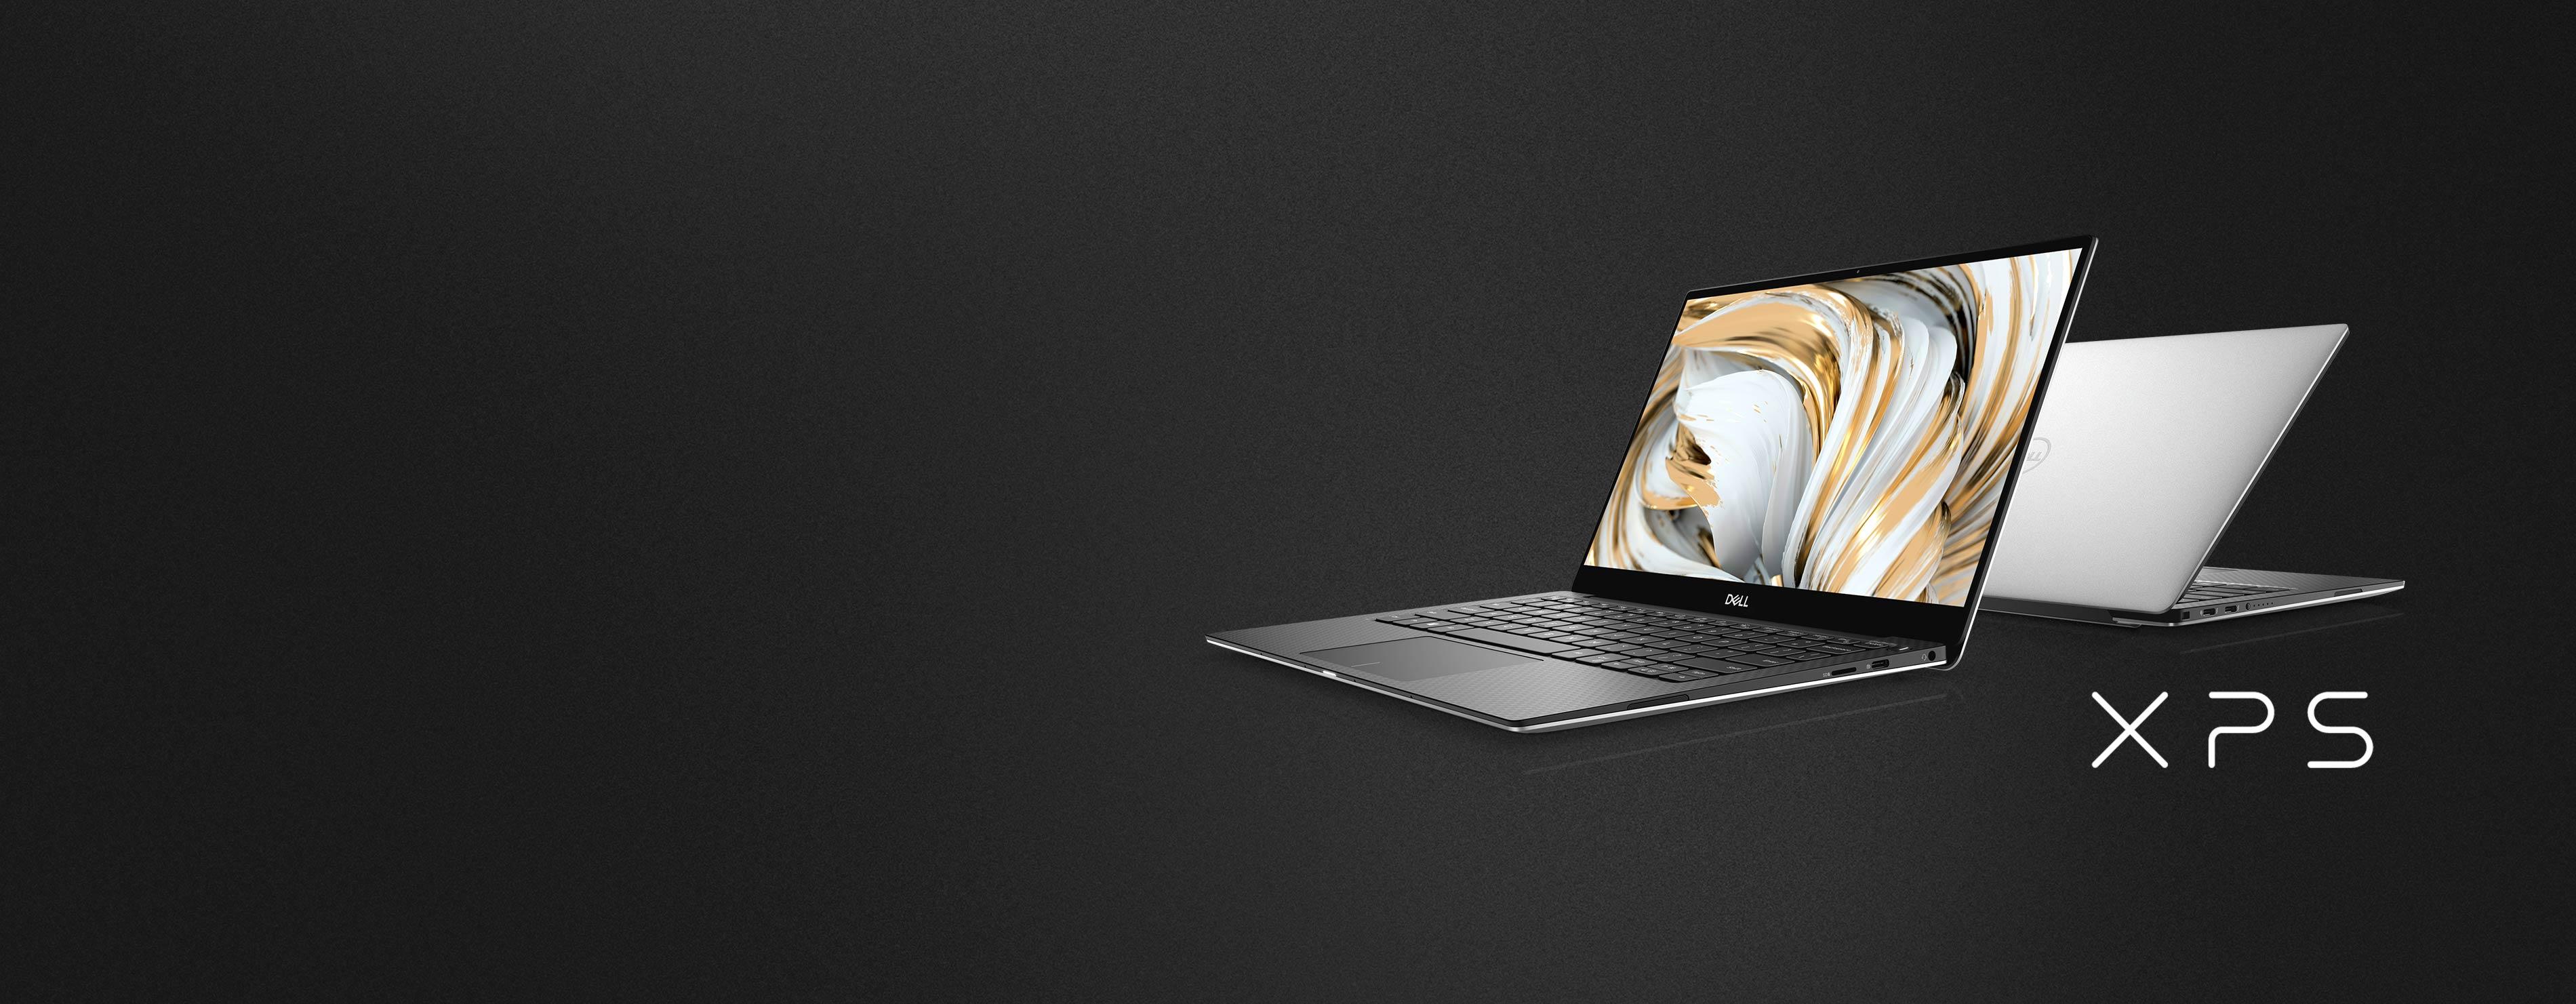 XPS 노트북